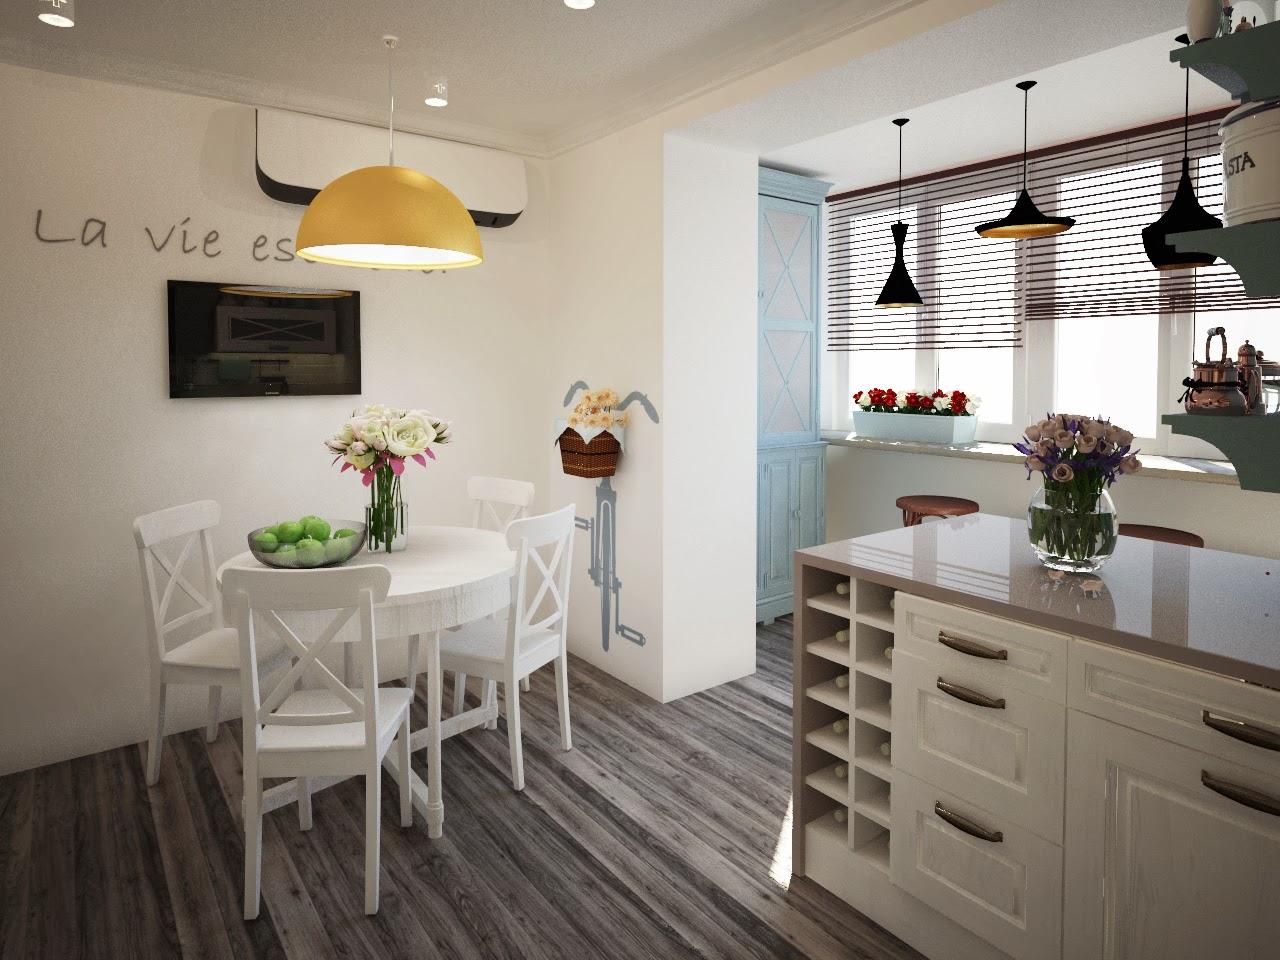 Примеры объединения кухонь с балконами или лоджиями pertaini.